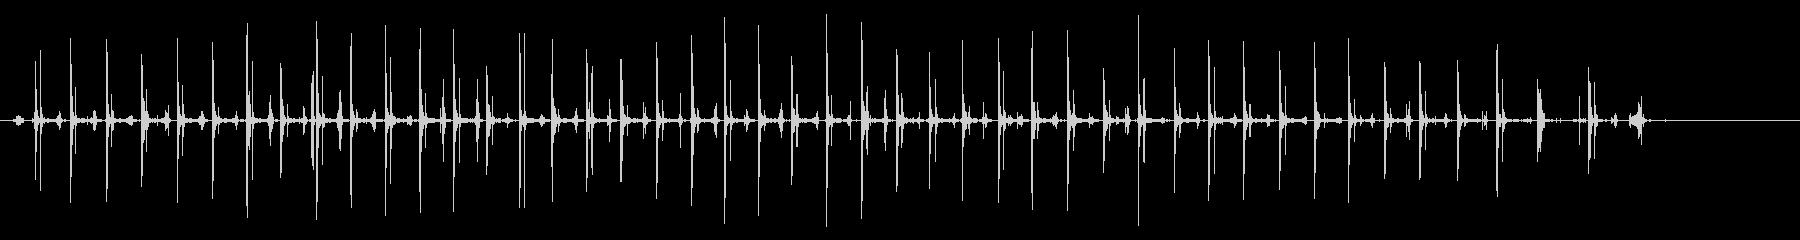 コンバットブーツ:ランニング、コン...の未再生の波形